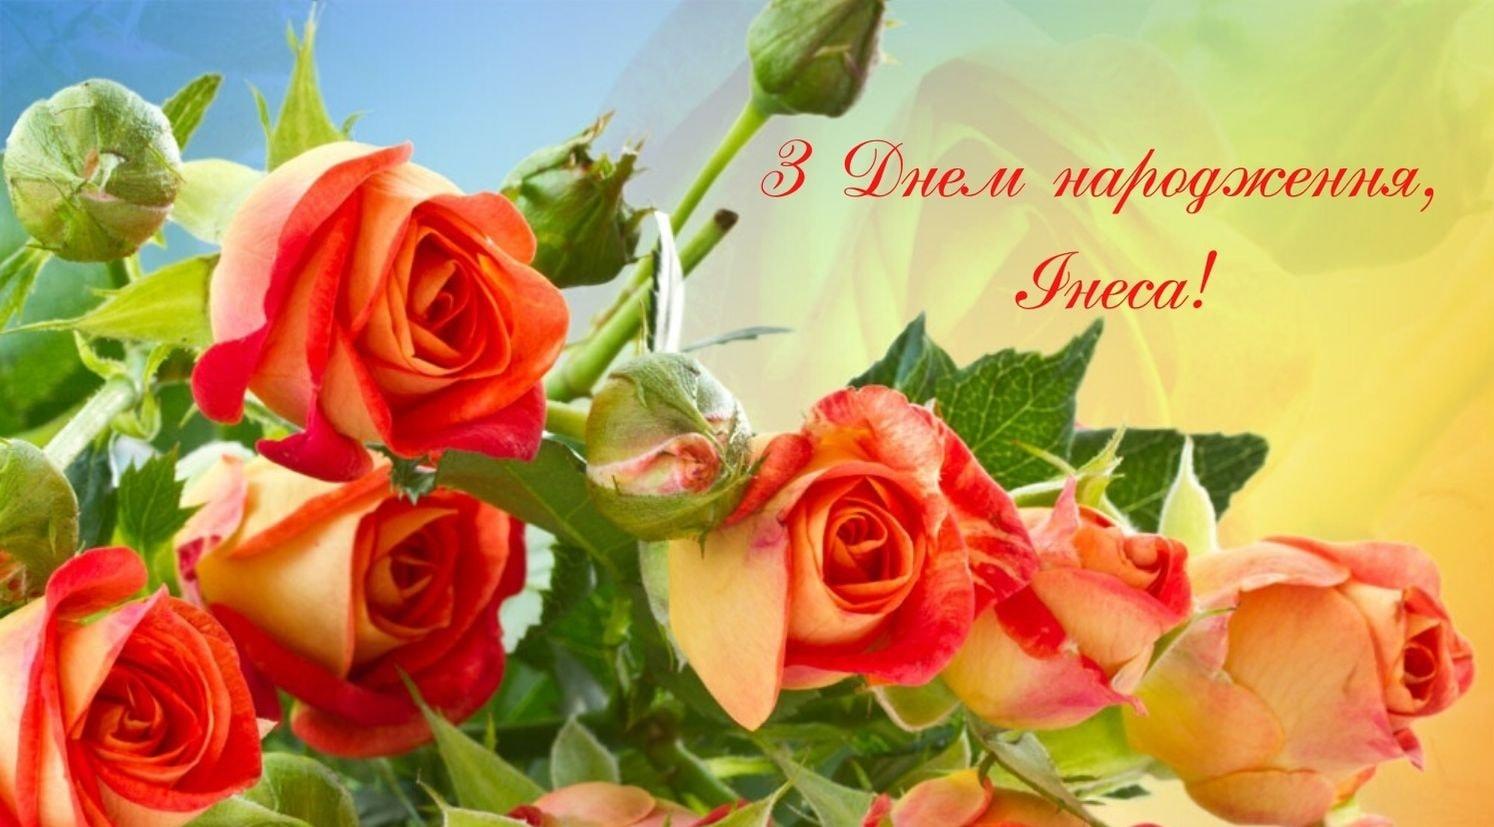 Красиві привітання з Днем народження та Днем Ангела Інесі